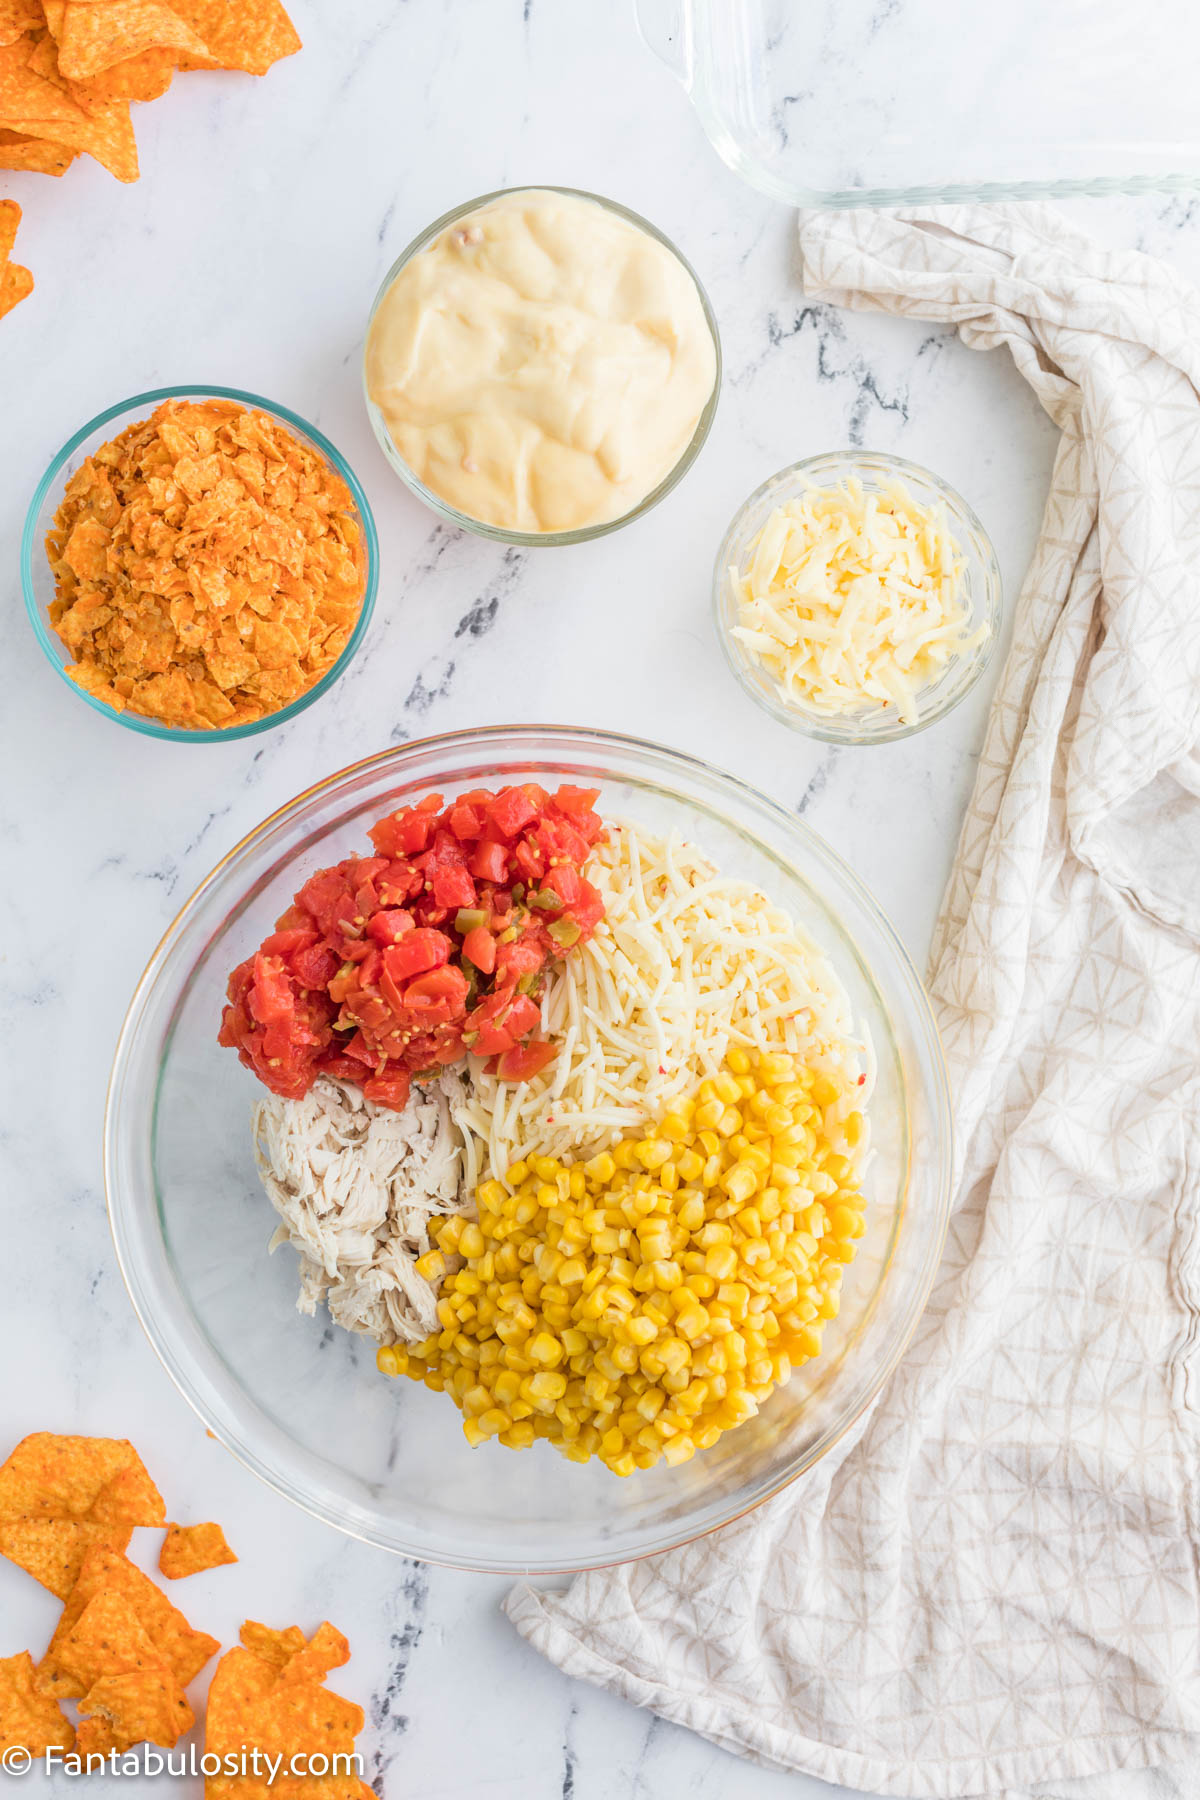 Doritos chicken casserole ingredients in a bowl